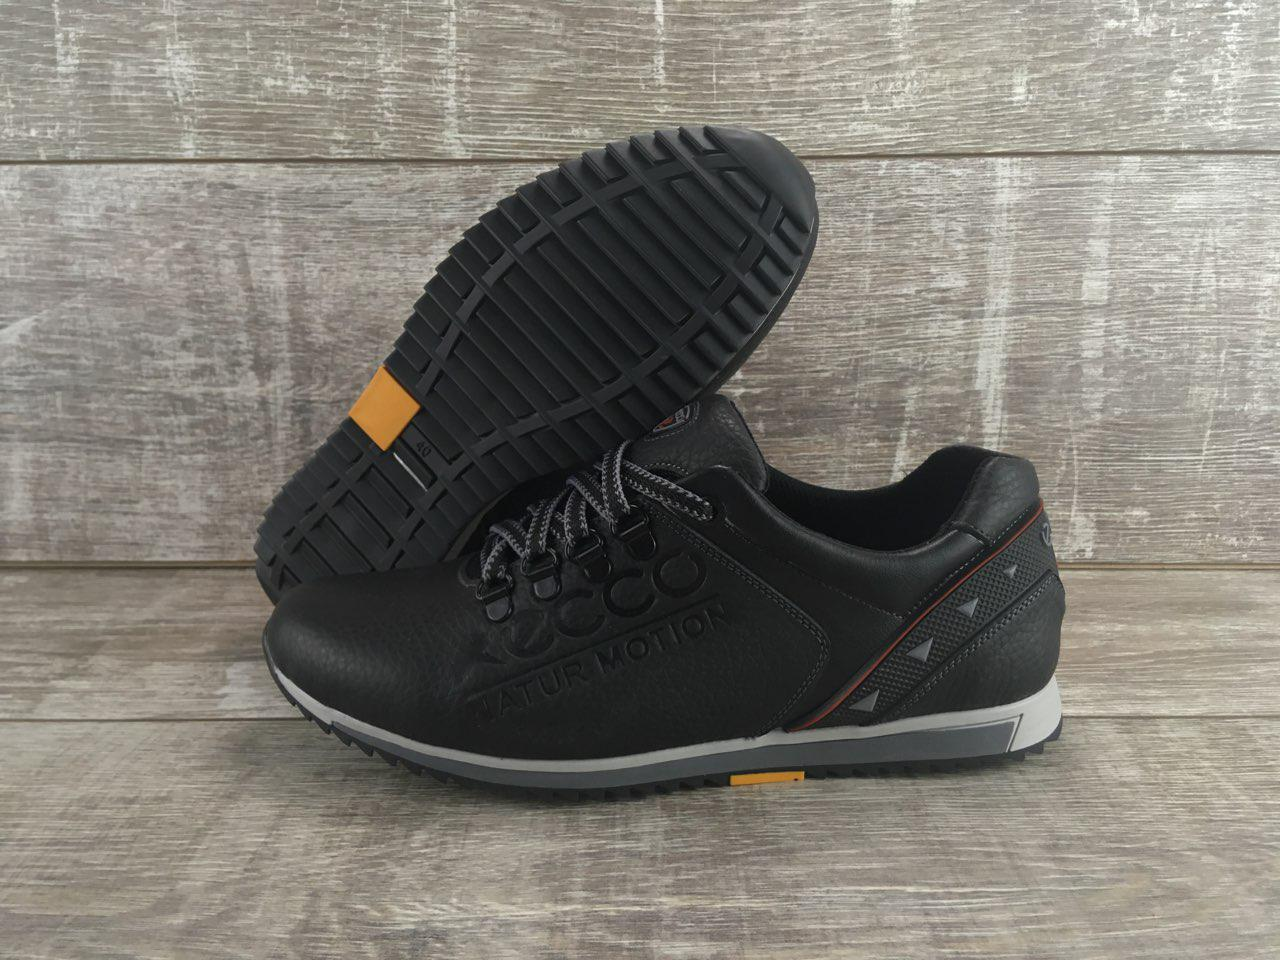 Мужские кожаные кроссовки ECCO код ЕК черные - Интернет-магазин обуви